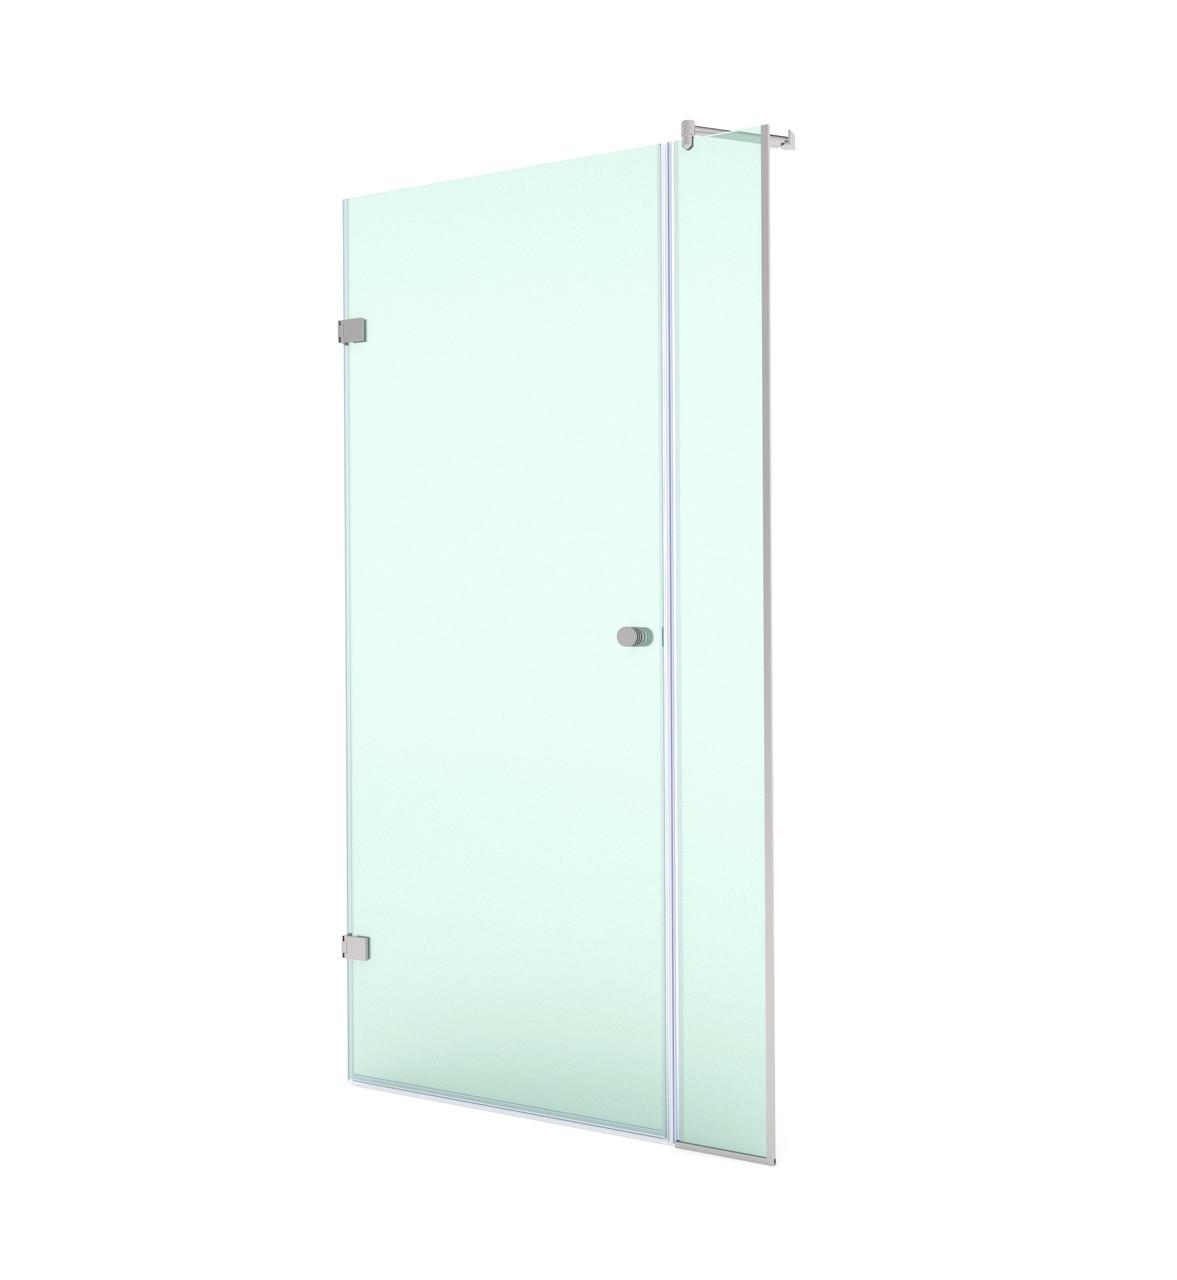 Распашная душевая дверь в нишу, модели SD-02-04